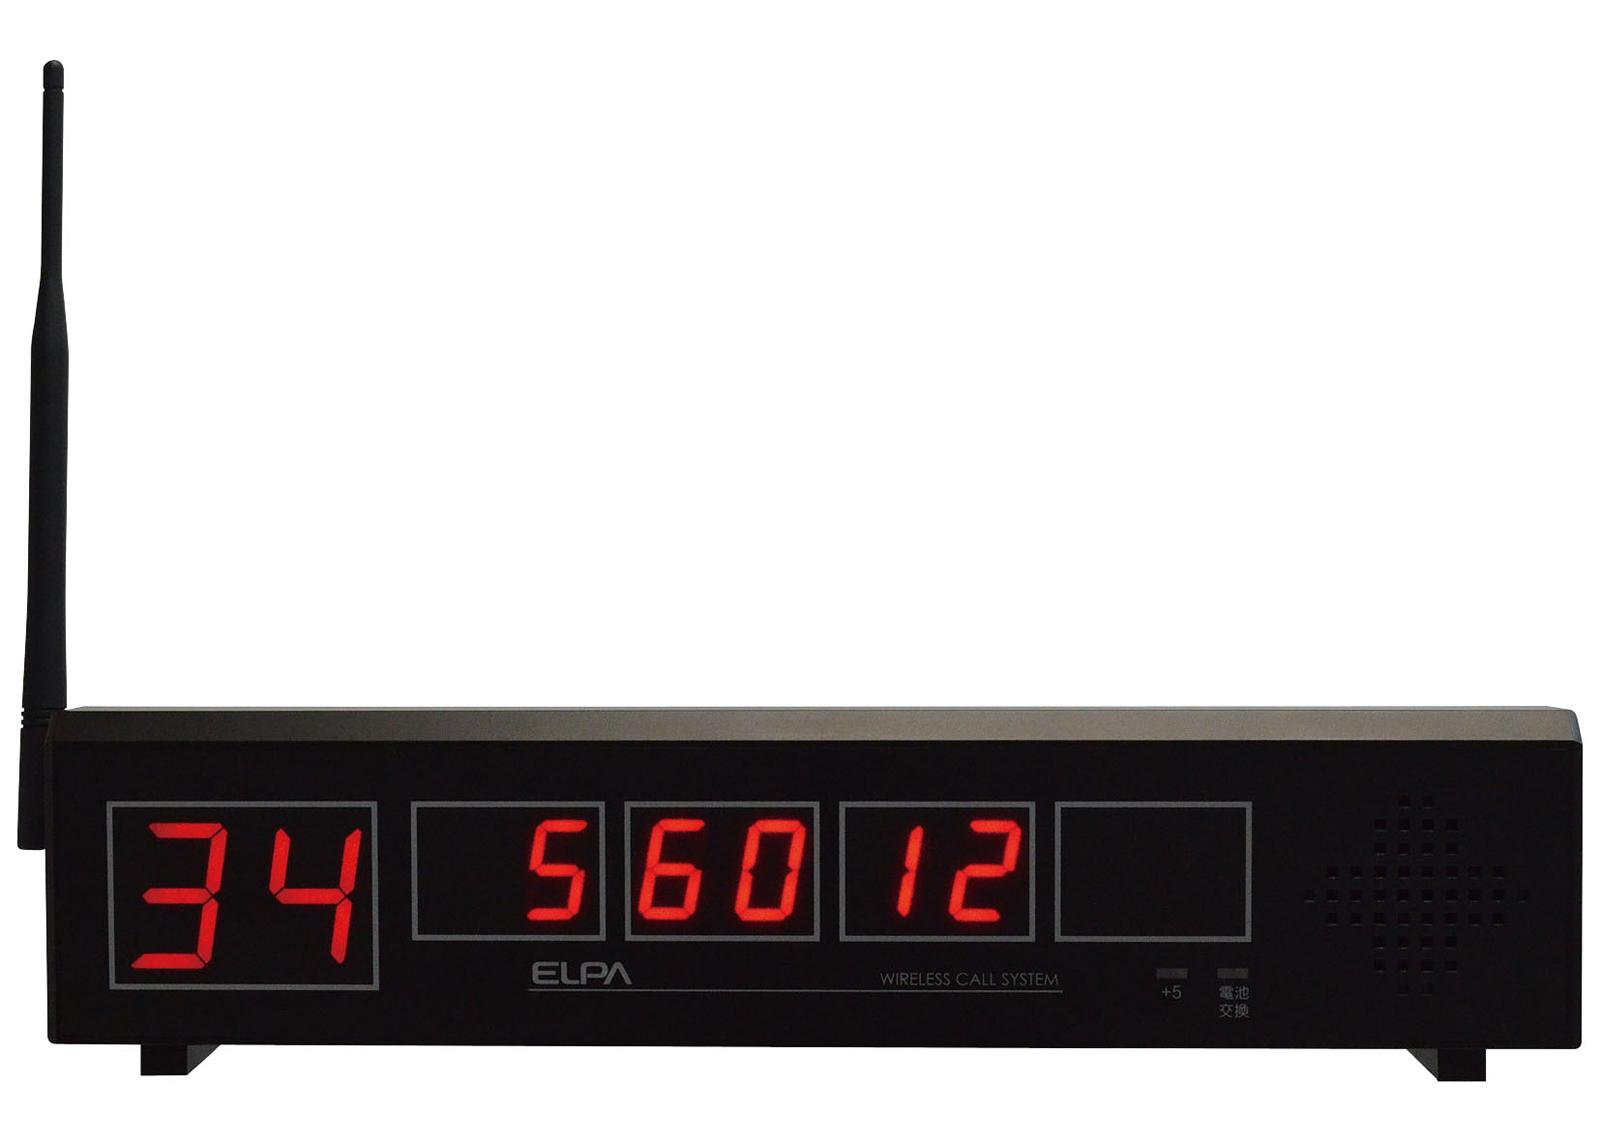 ELPA ワイヤレスコールシステム 受信器 EWJ-T01 6-1881-0101【卓上用品 卓上備品 呼び出しチャイム コールシステム 業務用 販売 通販】[10P03Dec16]